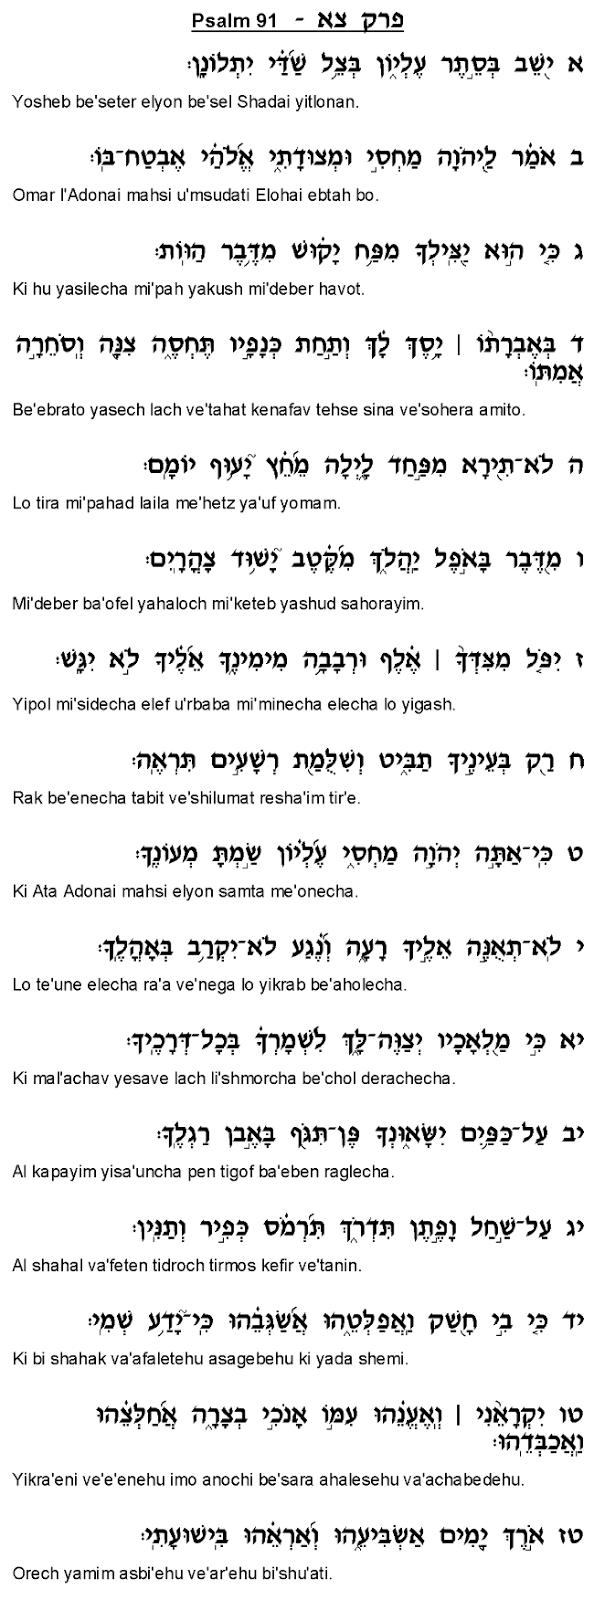 salmos 91 en hebreo